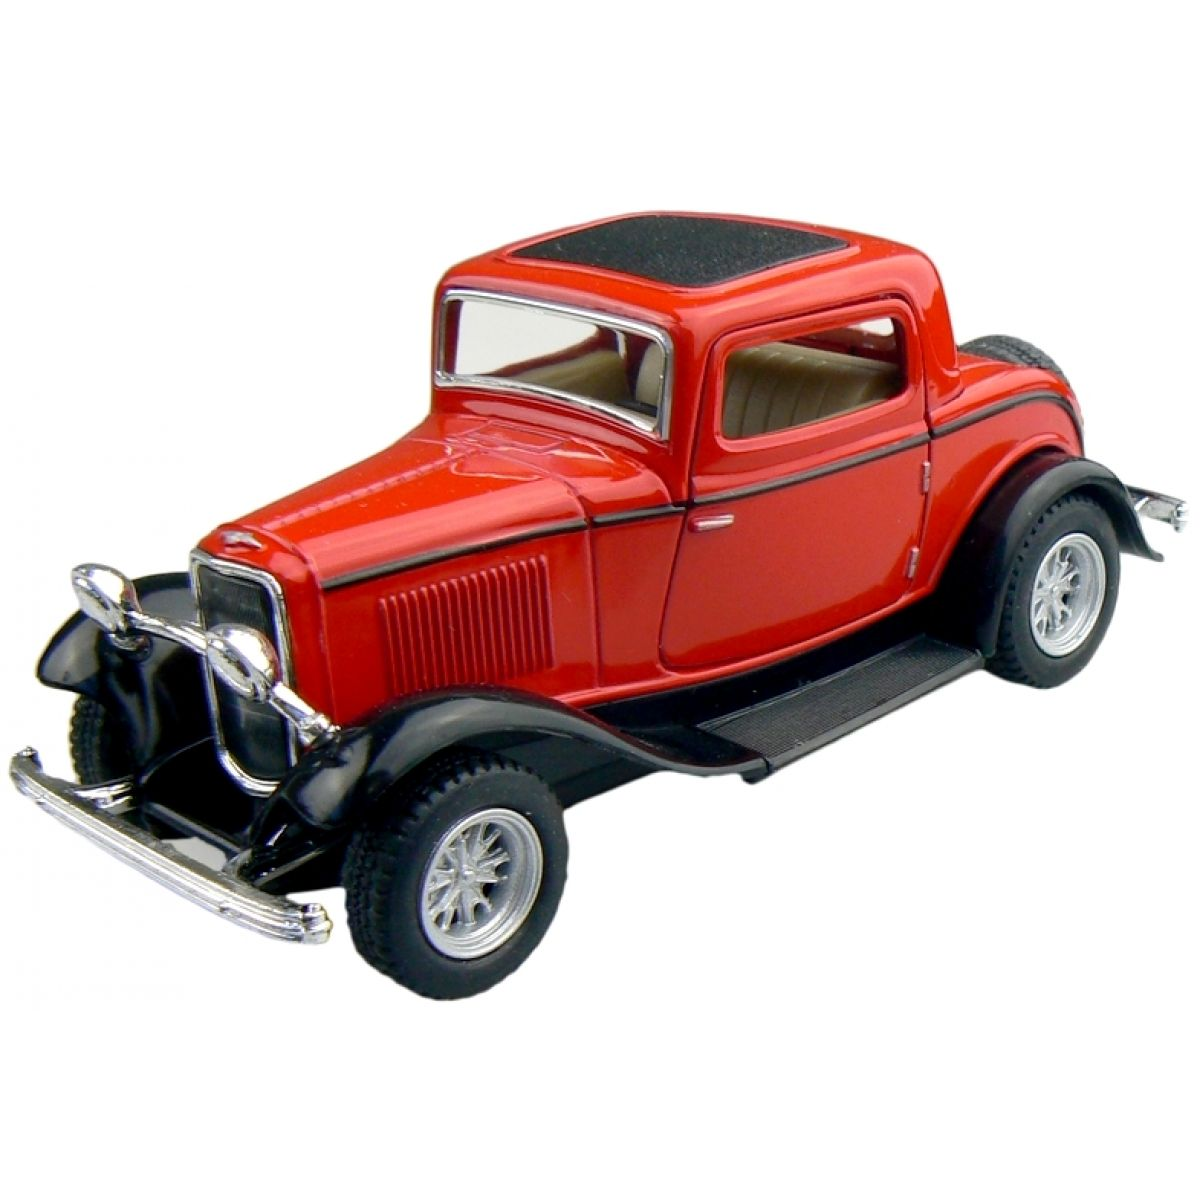 Kinsmart Auto Ford 3 Window Coupe 1932 - Červený